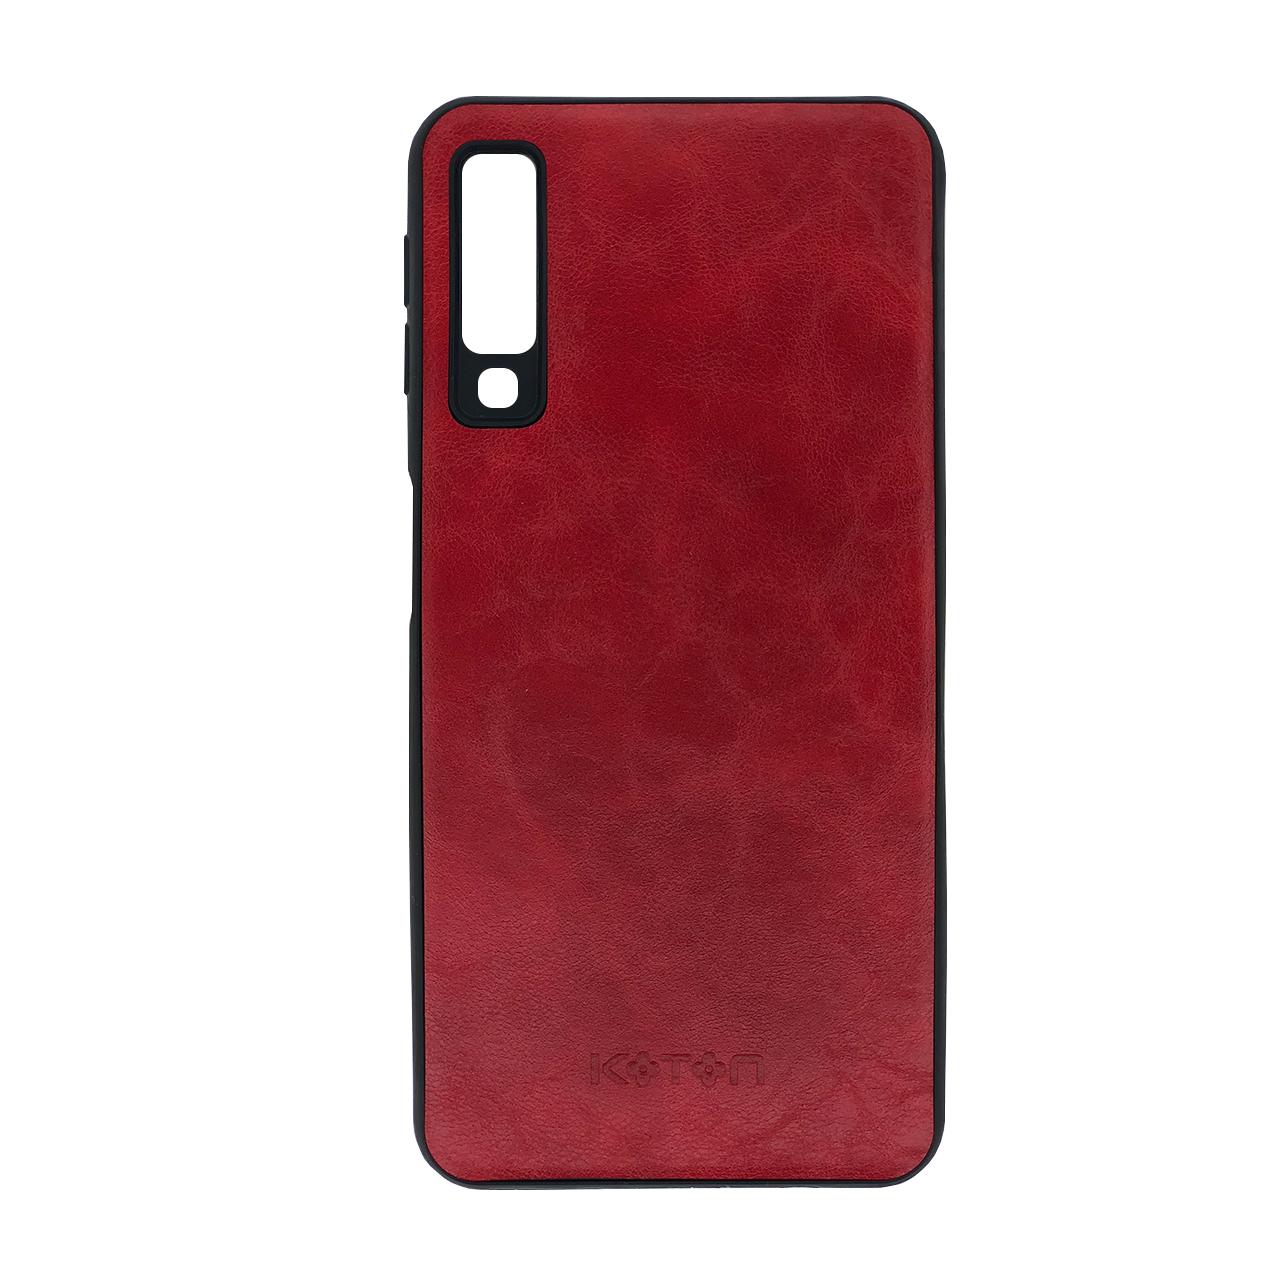 کاور  مدل K-25 مناسب برای گوشی موبایل سامسونگ Galaxy A7 2018